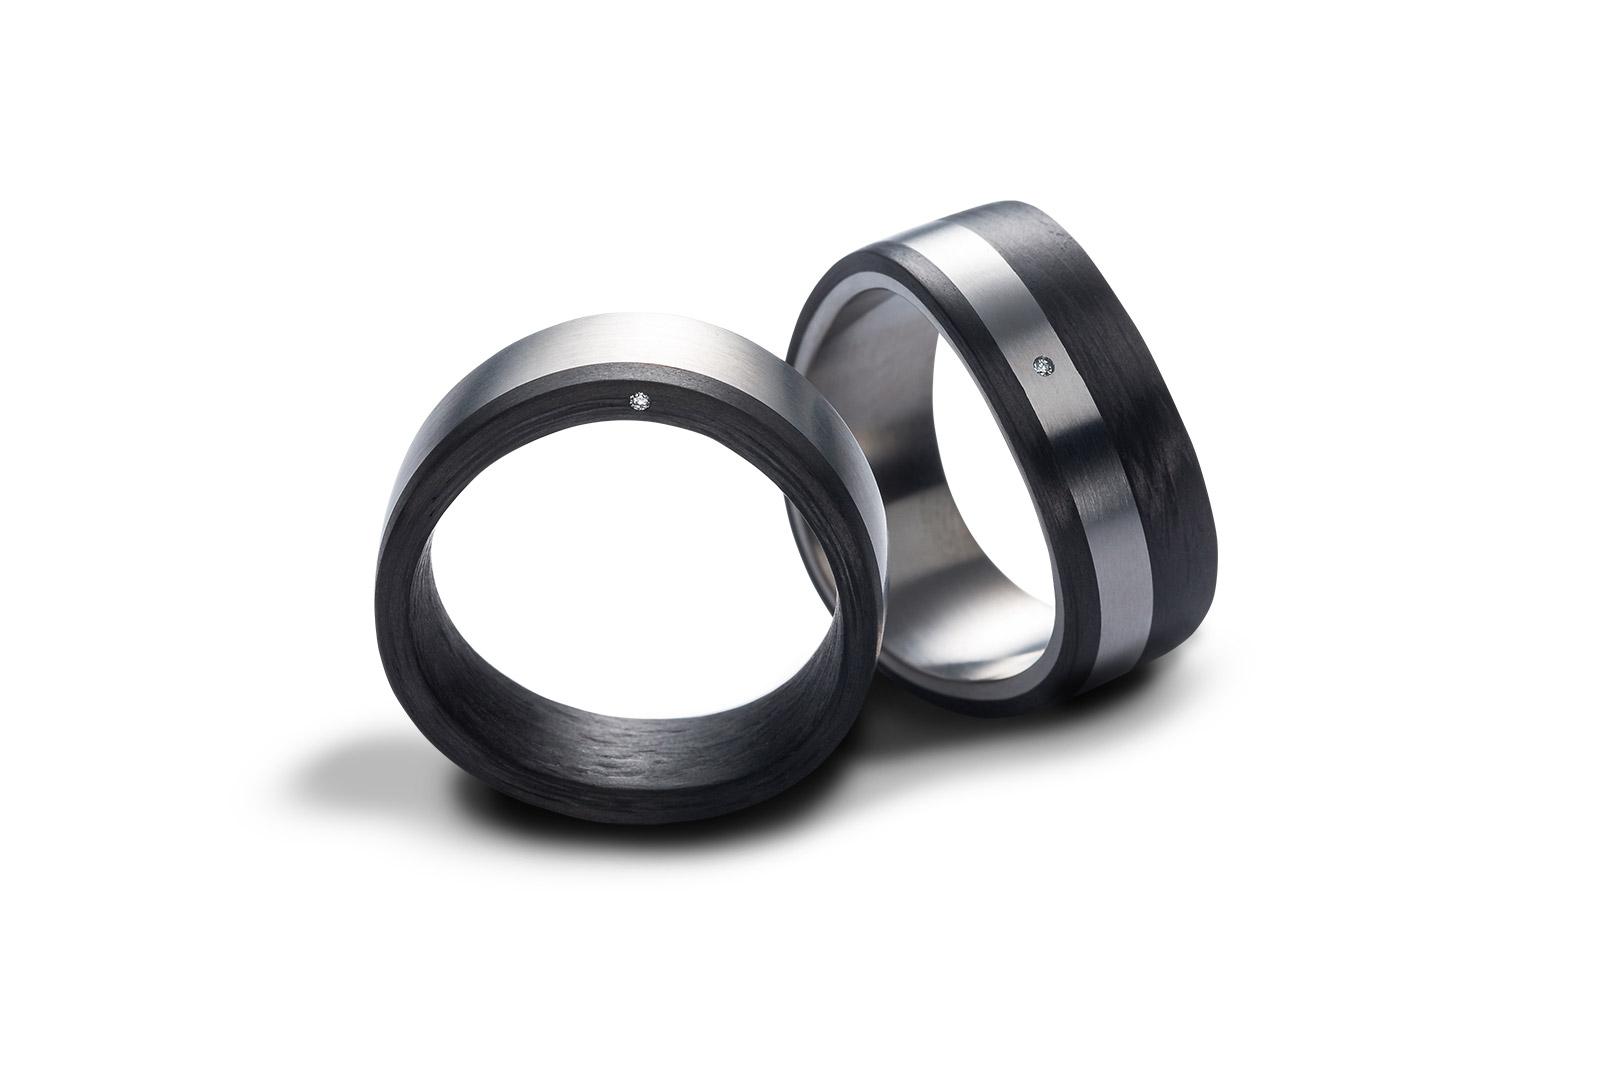 Carbon-/Titan-Trauringe, freigestellt mit Stehschatten, mit Profiretusche optimiert.